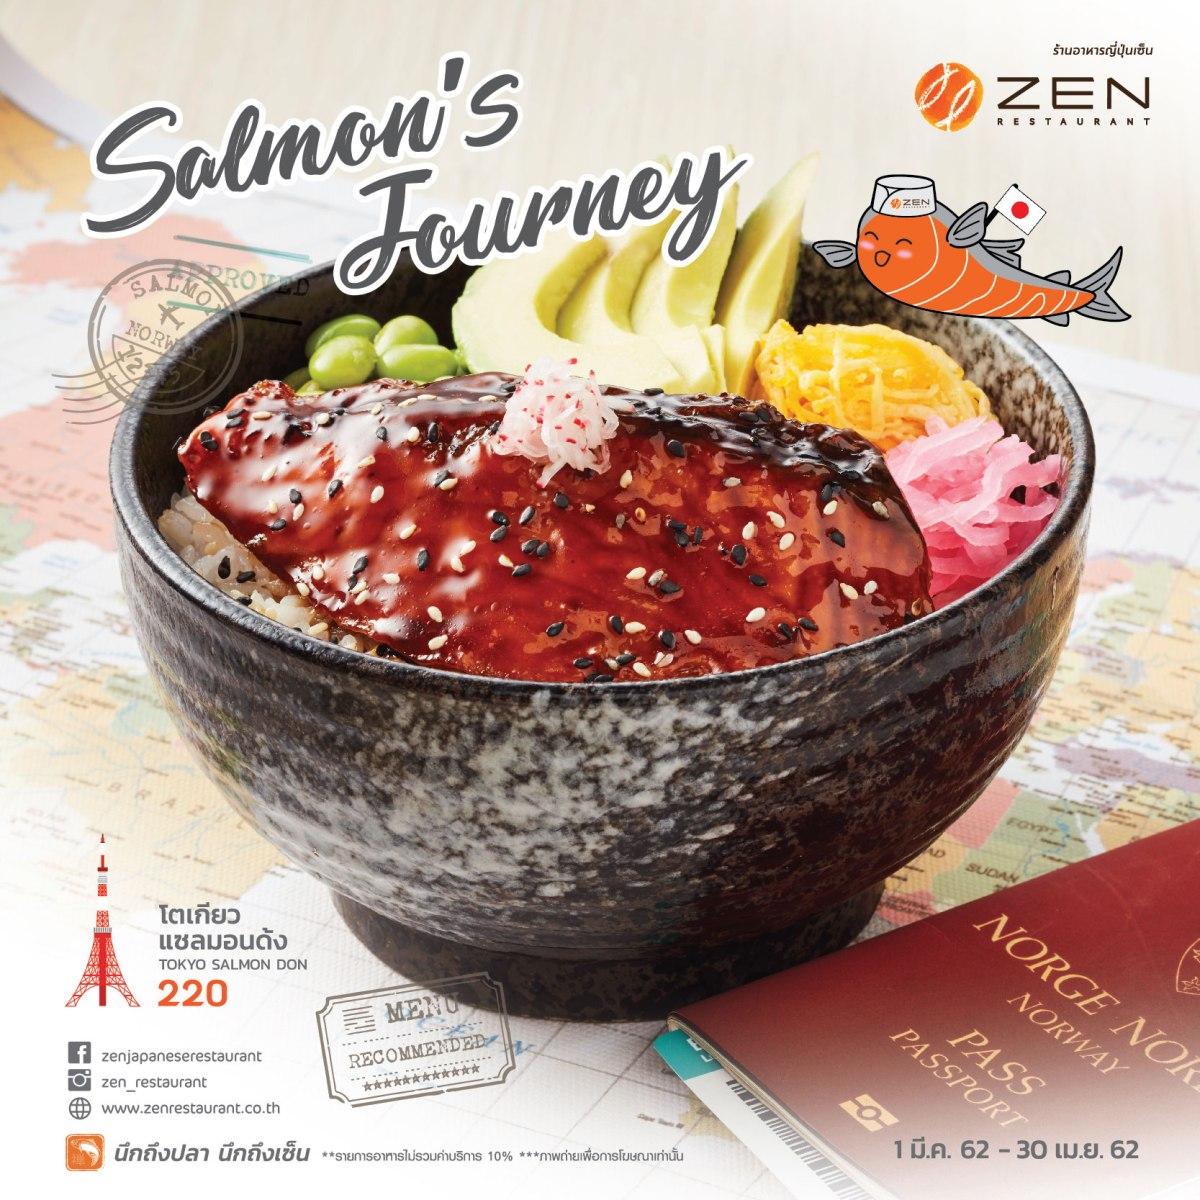 Salmon's Journey – การเดินทางของแซลมอนจากนอร์เวย์สู่จานอร่อยที่ร้านอาหารญี่ปุ่นเซ็น 15 -